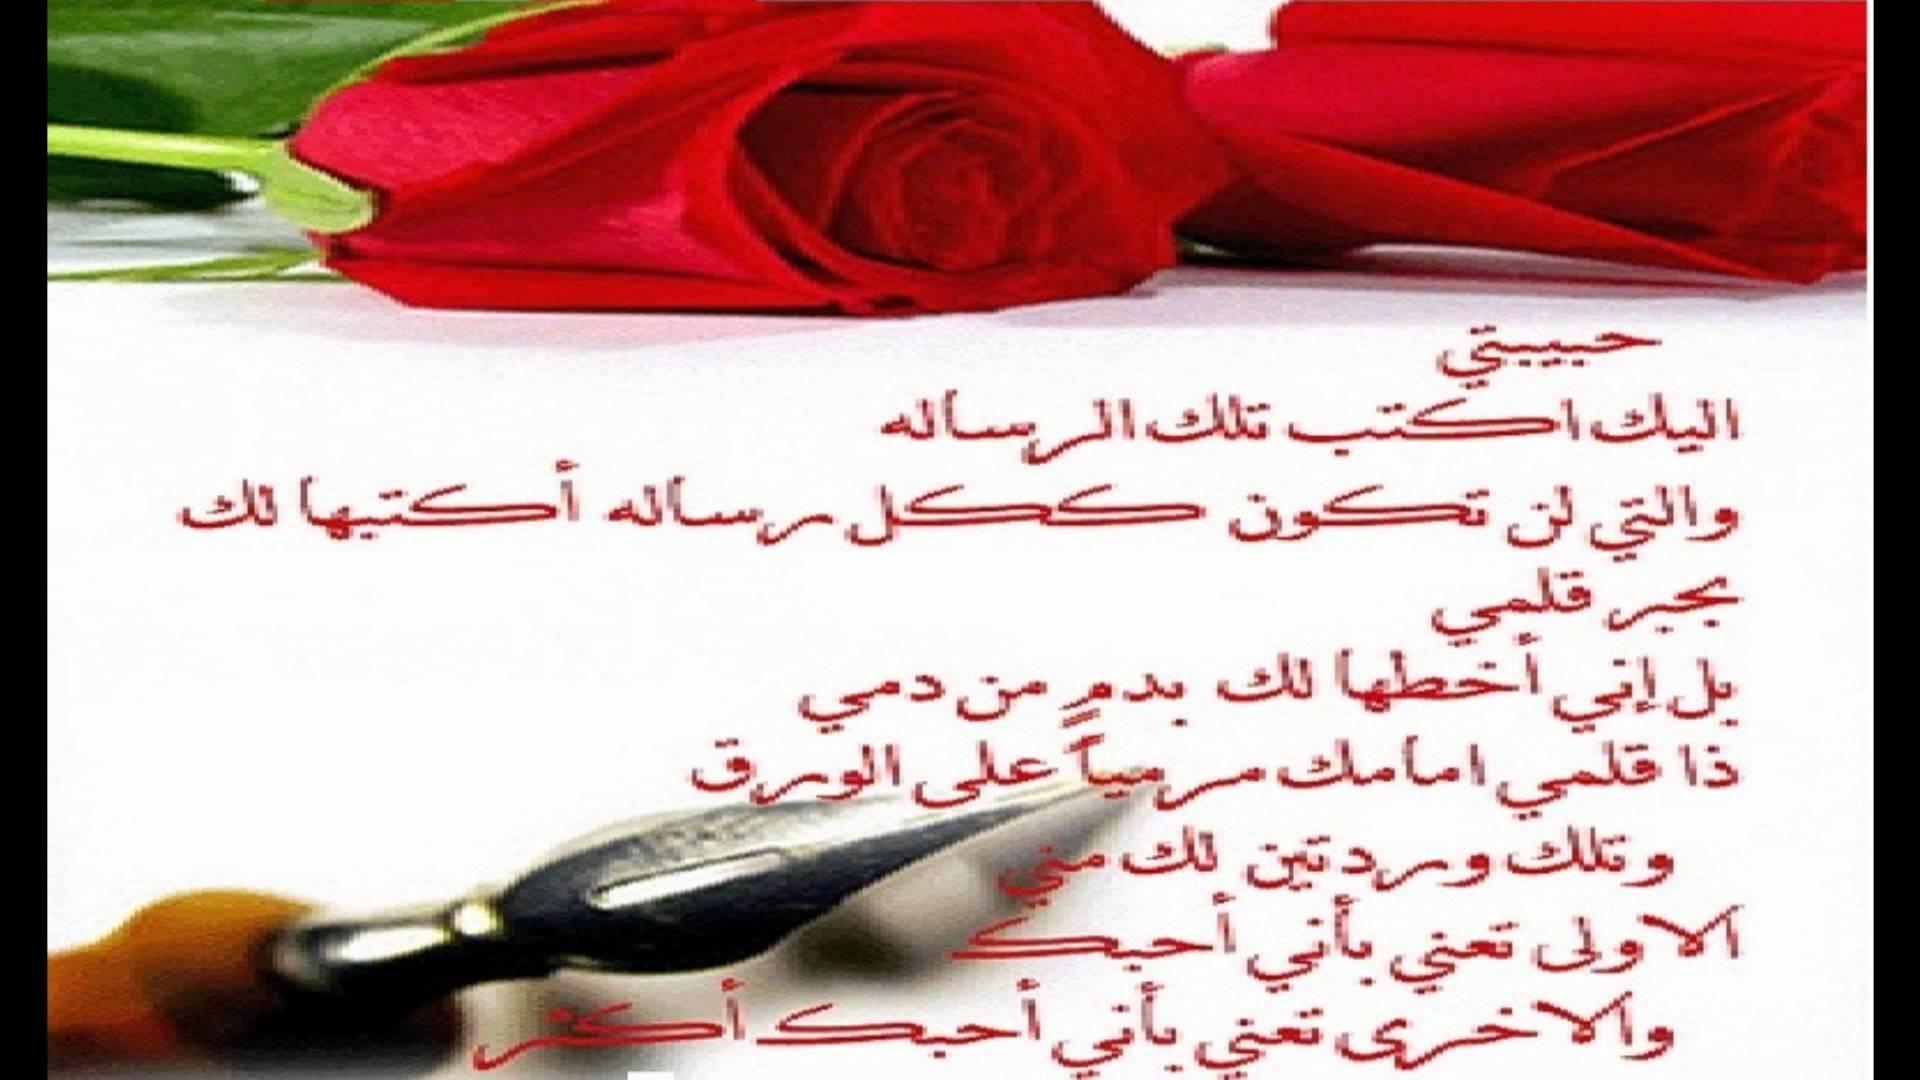 صوره رسائل بحبك , تعرف على المليح فى الحب